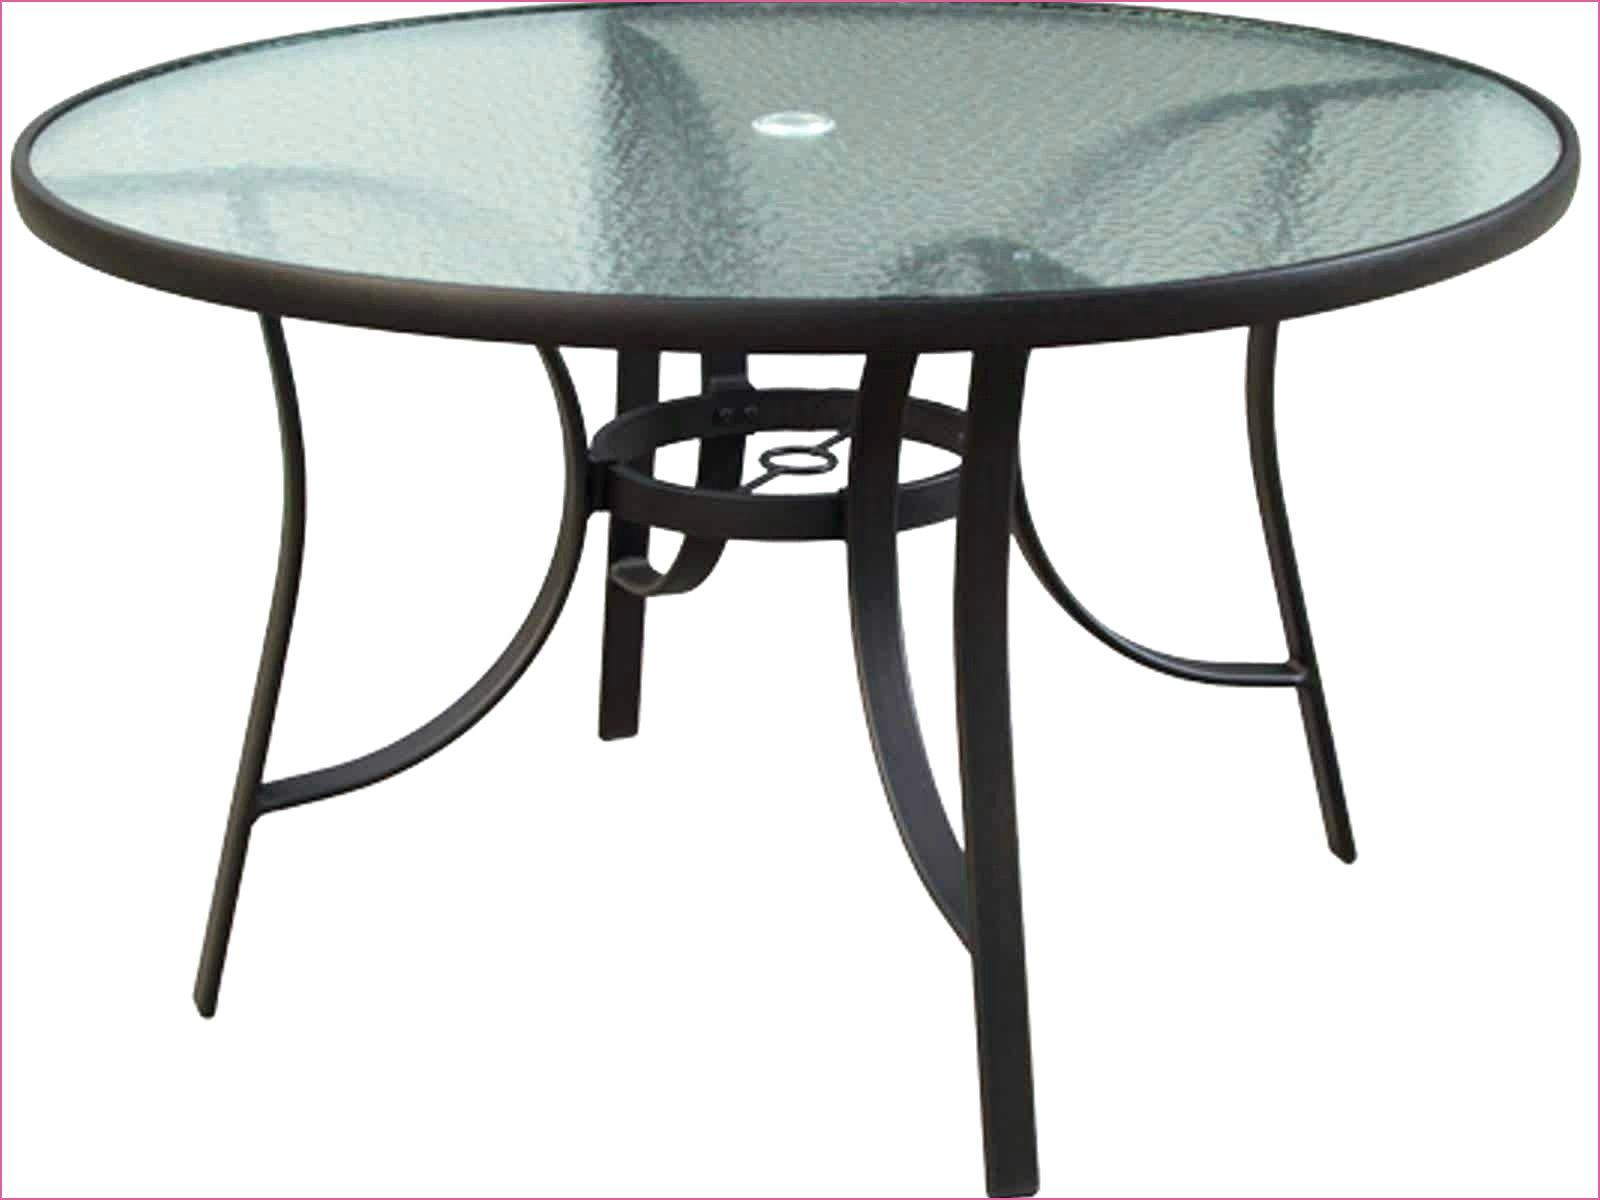 Tischdeko Hochzeit Runder Tisch Teil In 2020 Ikea Esstisch Esstisch Zum Ausziehen Esstisch Glas